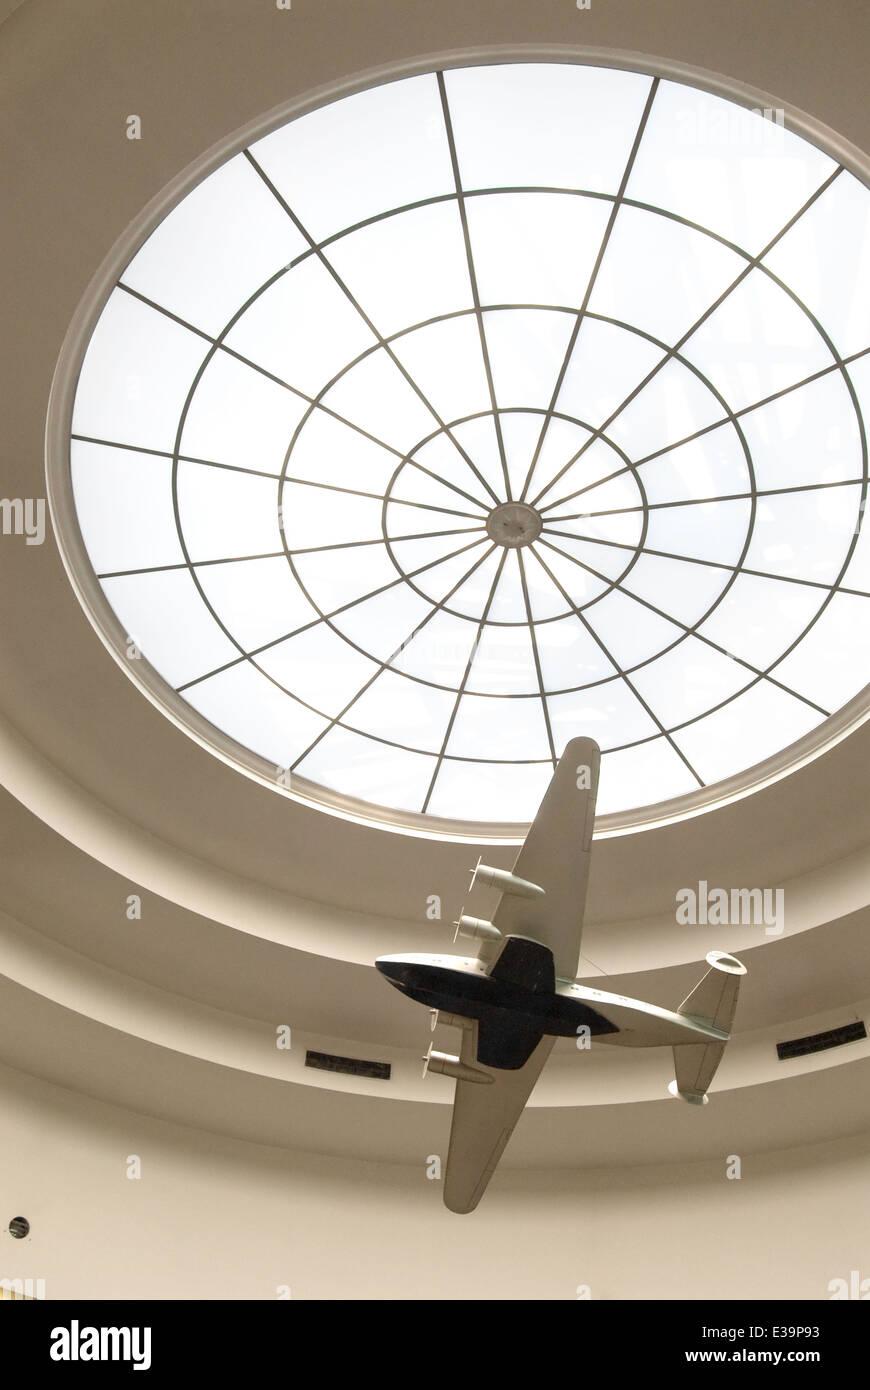 Art-Deco-Dachfenster in der Marine Air Terminal am Flughafen ...